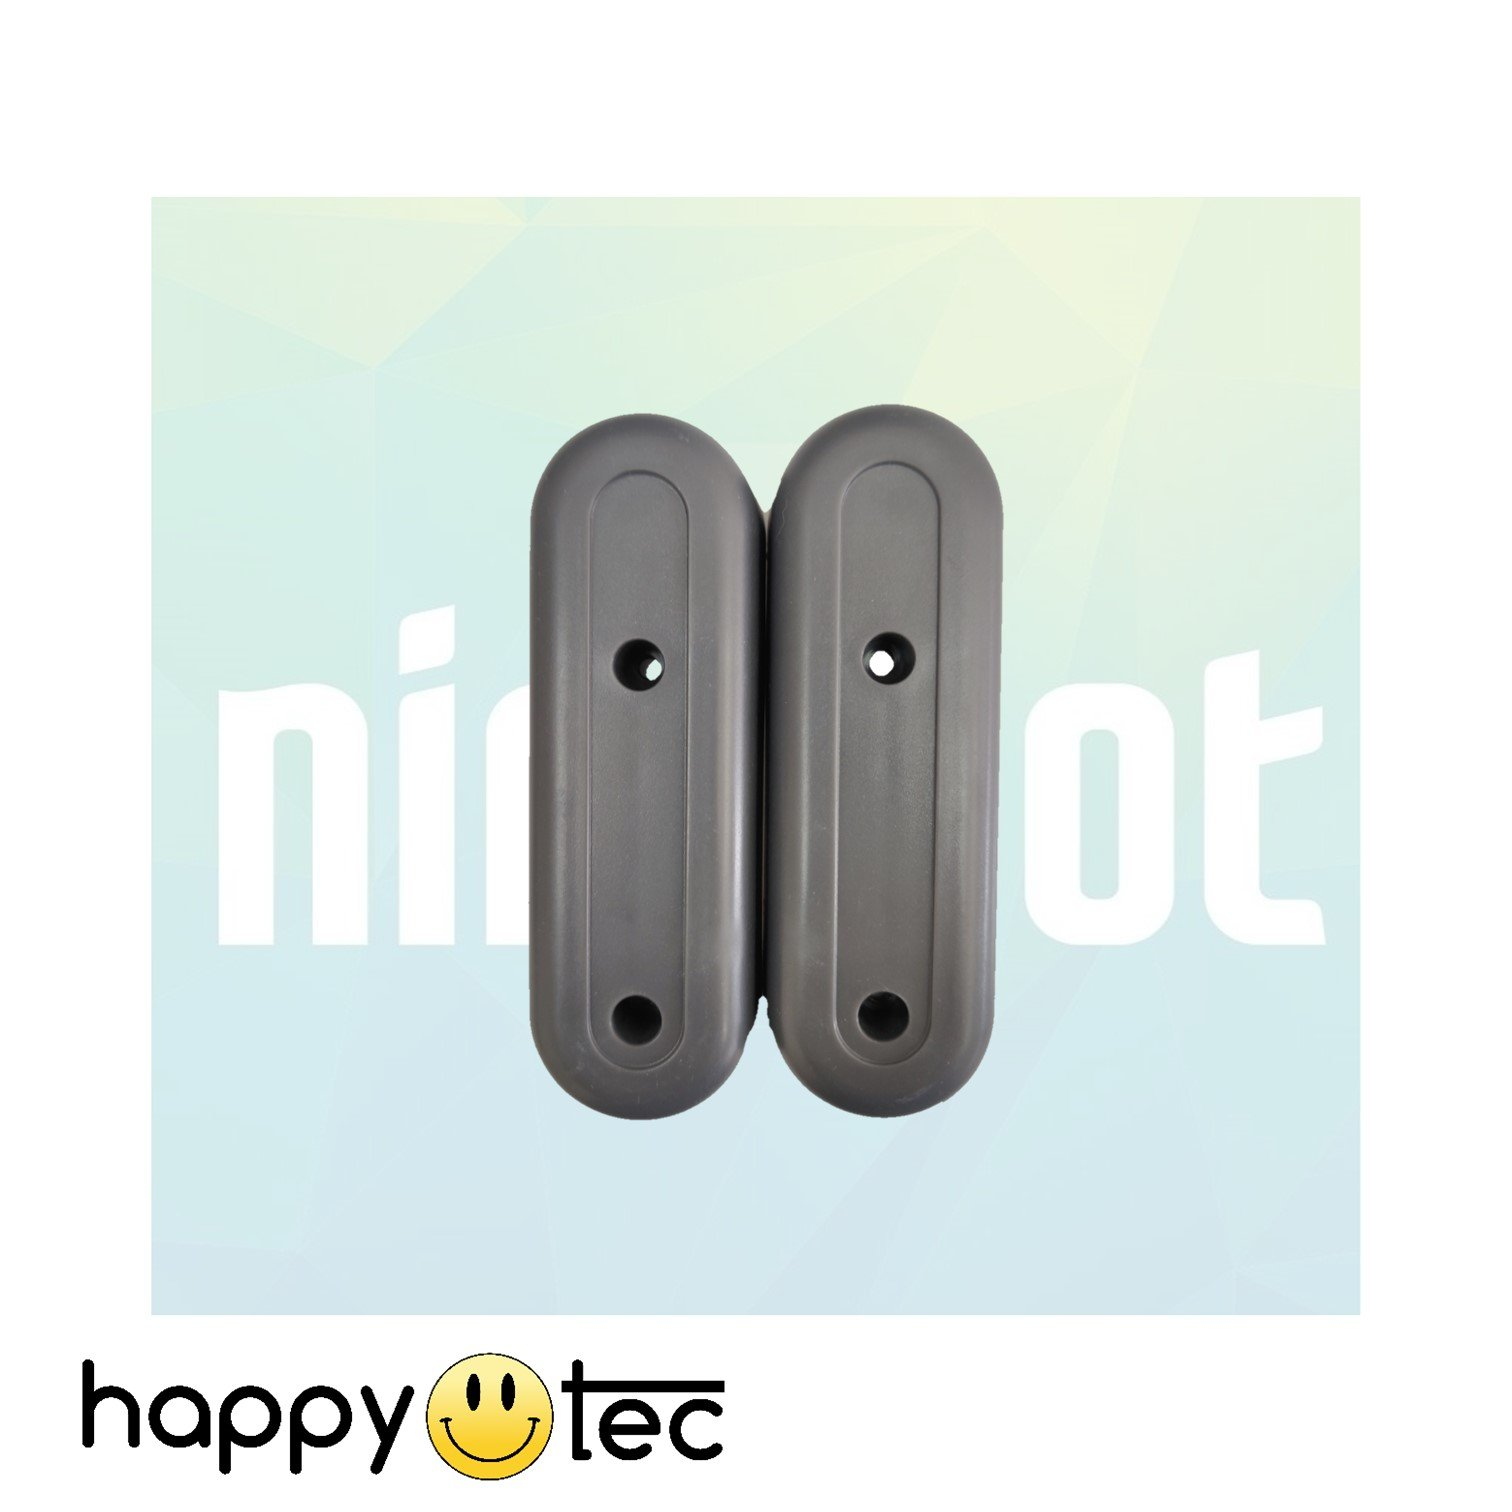 Ninebot | G30 Max | Coppia coperture viti in plastica | Nero